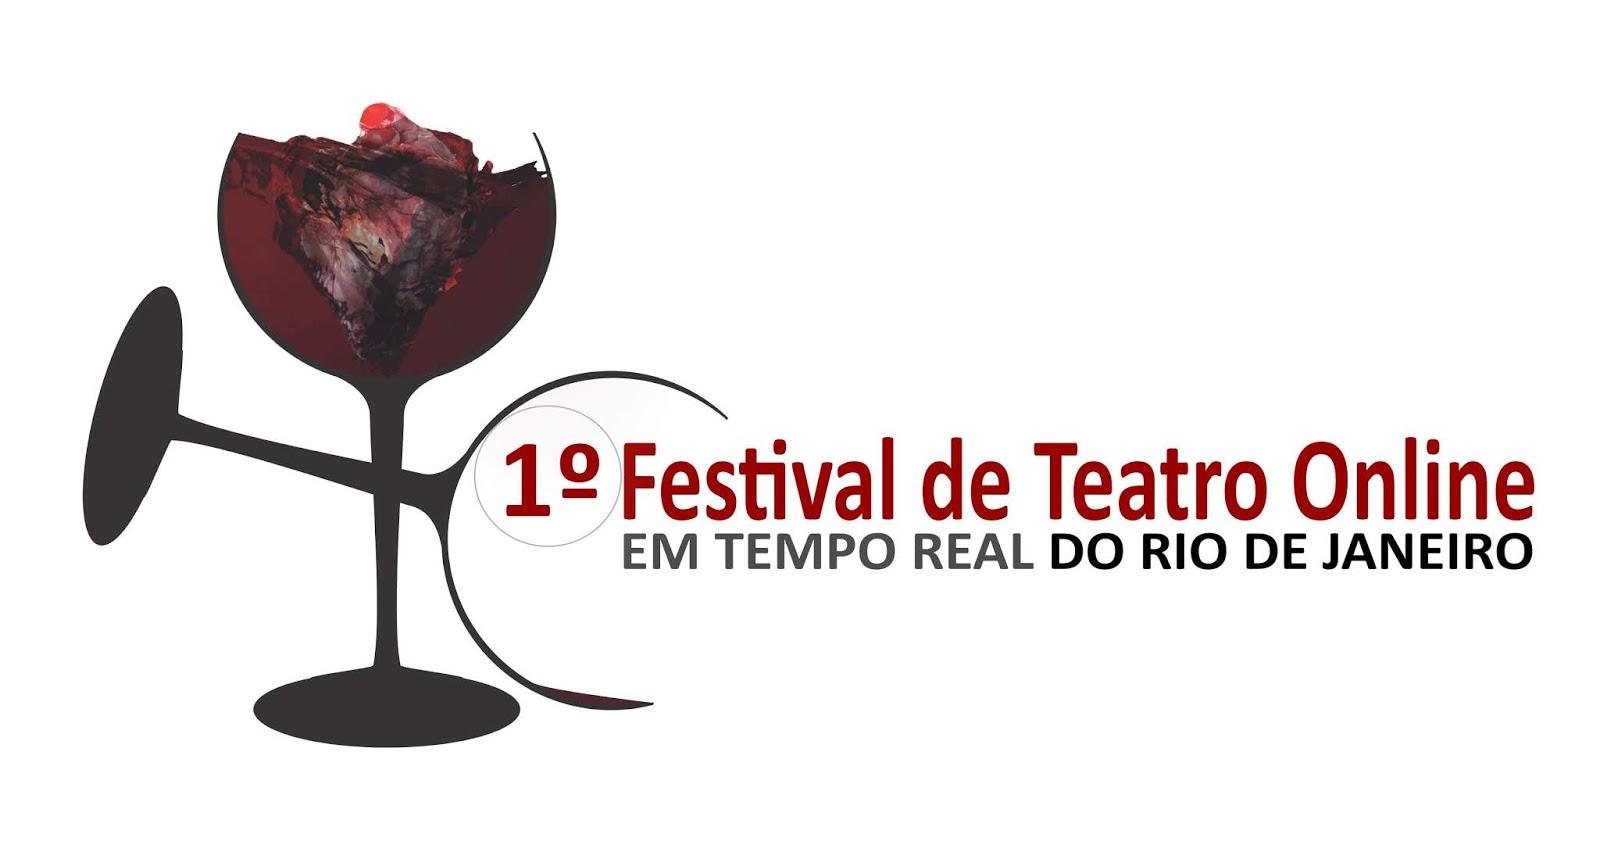 1° Festival de Teatro Online em Tempo Real do Rio de Janeiro está com as inscrições abertas para artistas de todo o país